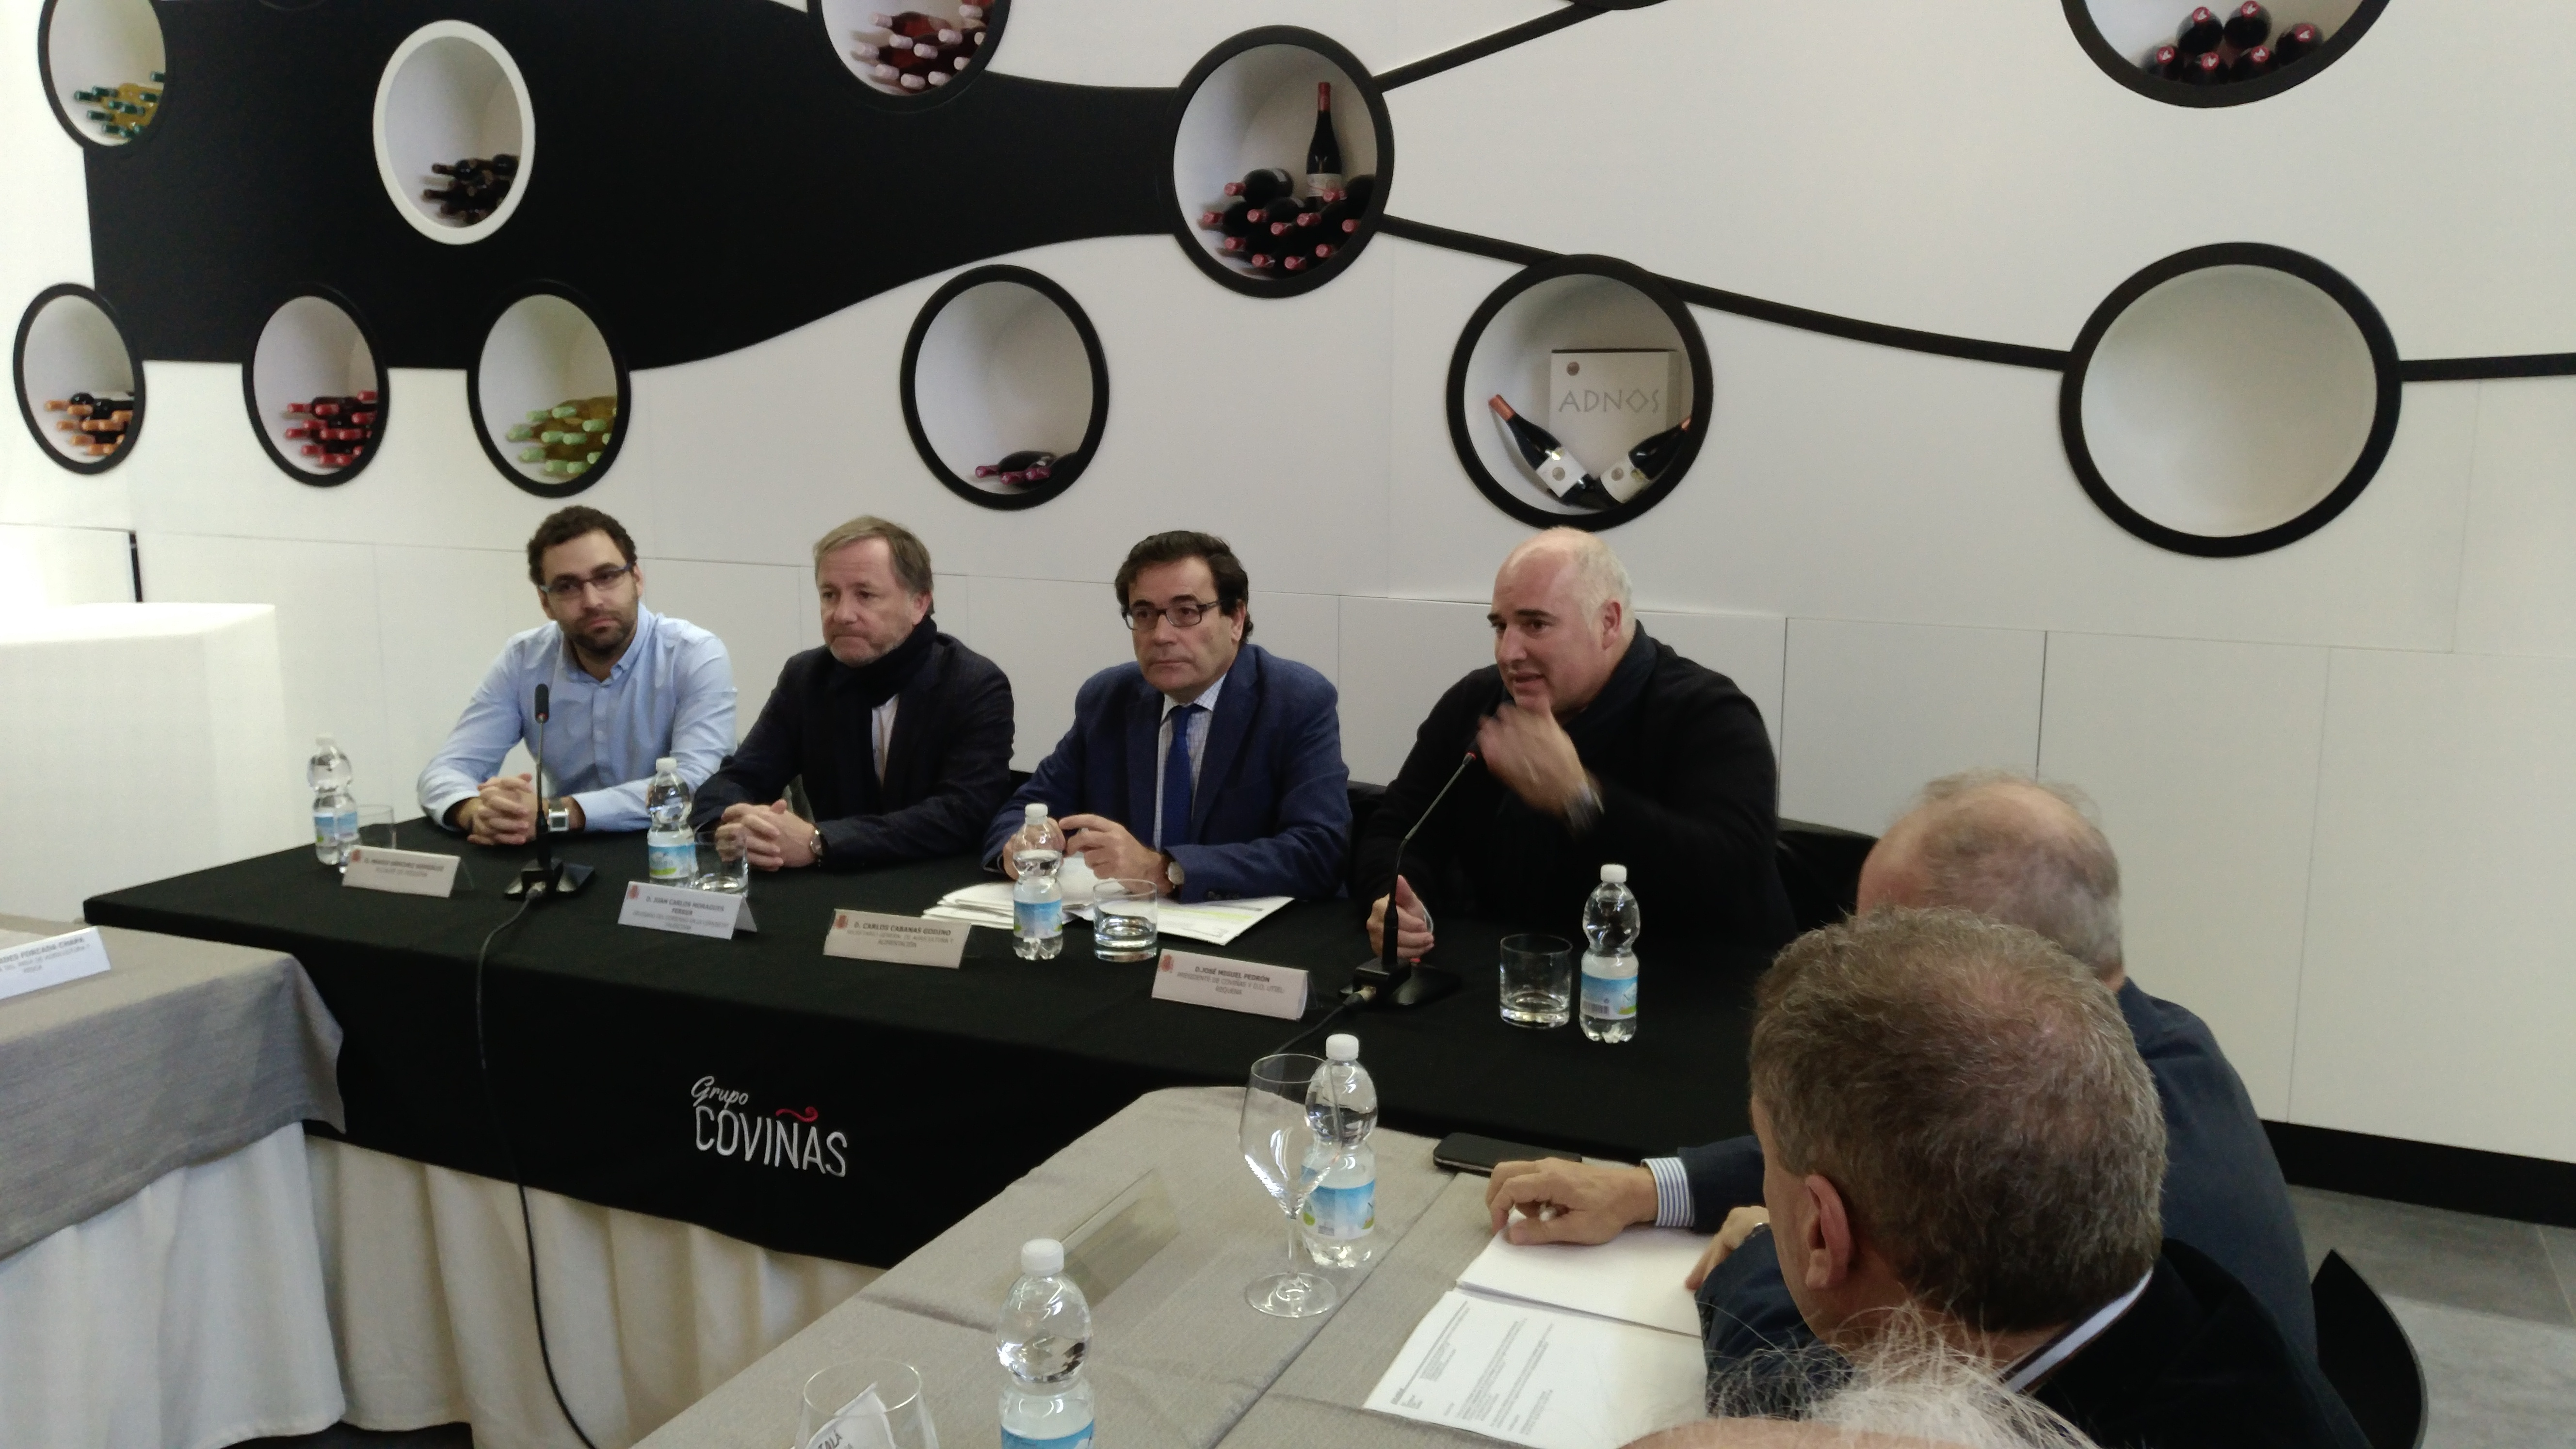 Cabanas se ha desplazado a Requena para reunirse con representantes de cooperativas, agricultores y elaboradores de cava, en compañía del Delegado del Gobierno en la Comunitat Valenciana, Juan Carlos Moragues.